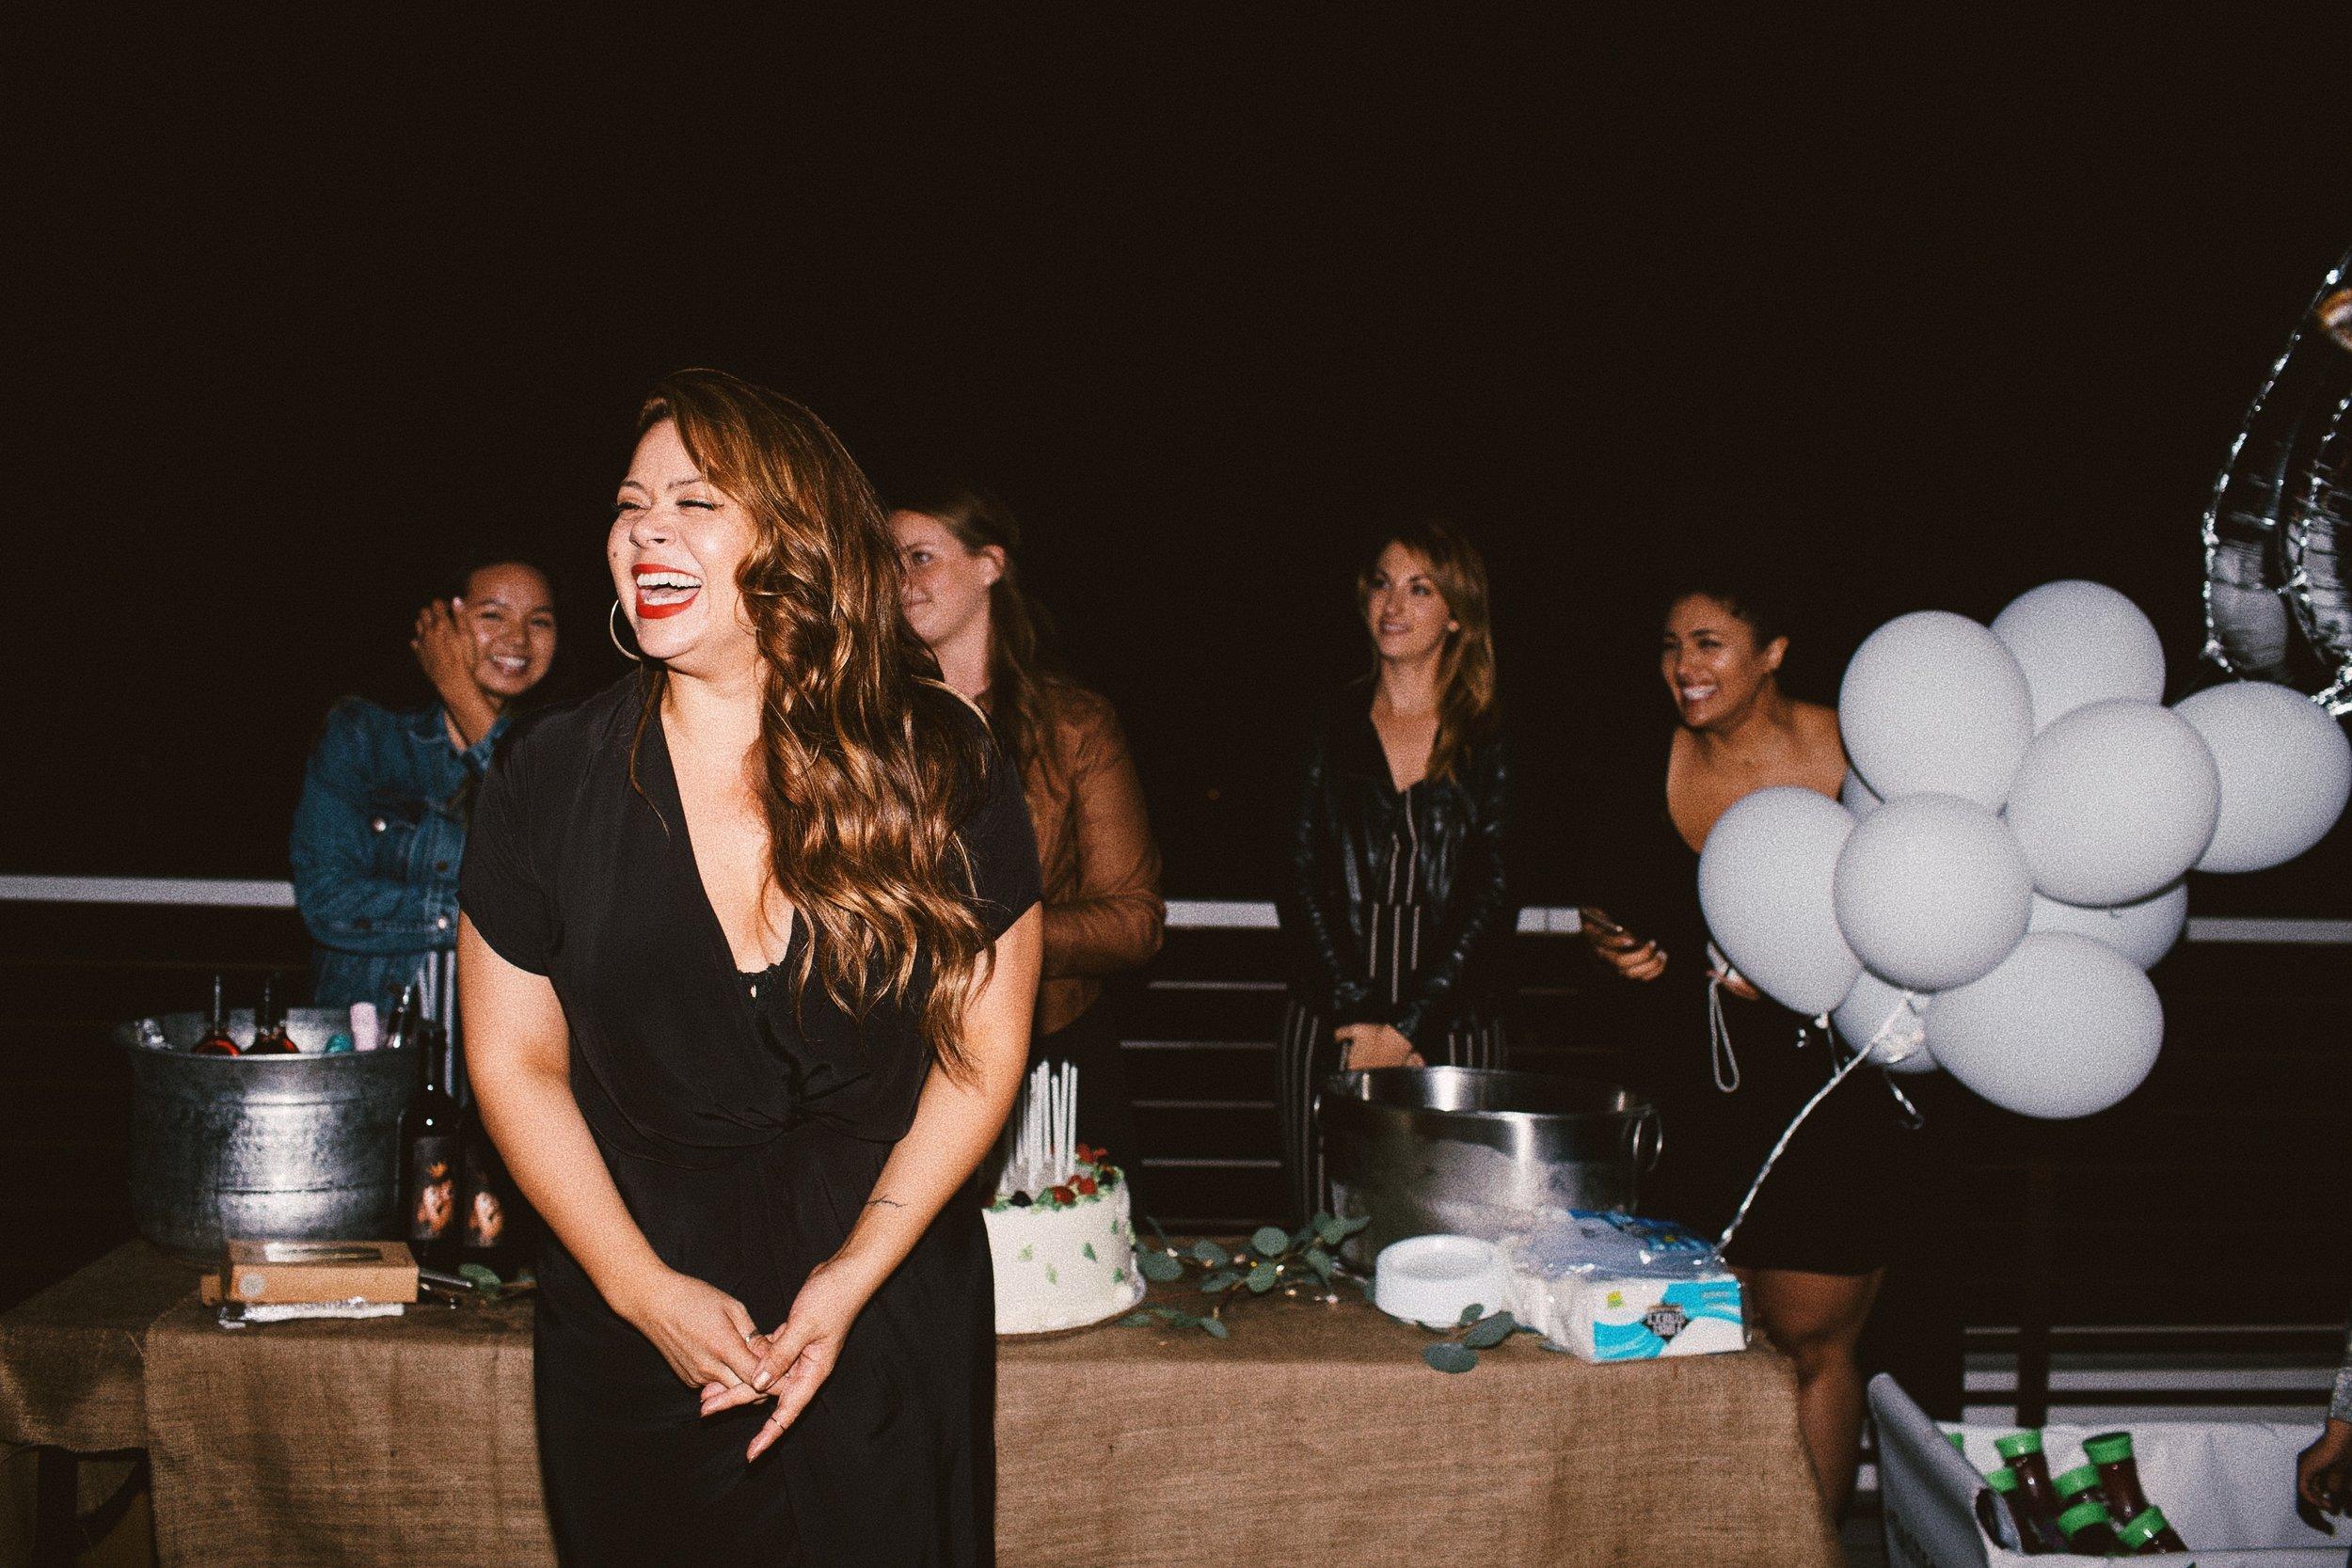 Christina Topacio - 30th Birthday - Profresh - Katie Gibbs Photo - ROW DTLA